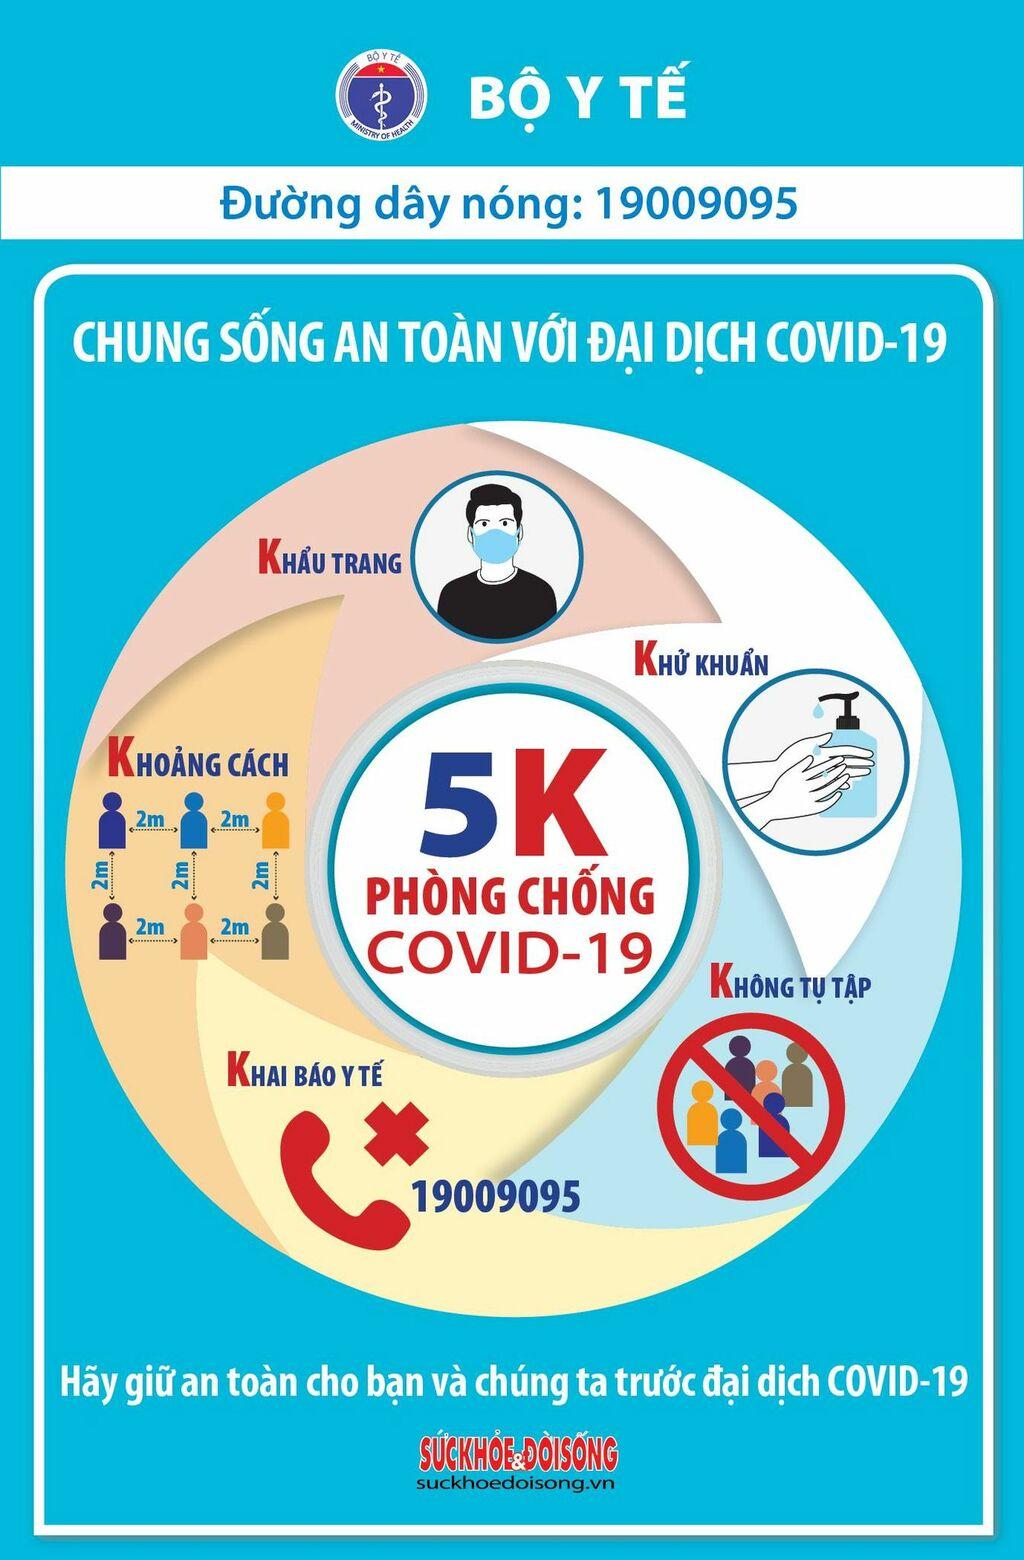 Chiều 26/4: Việt Nam thêm 6 ca mắc COVID-19, thế giới có 147,8 triệu ca